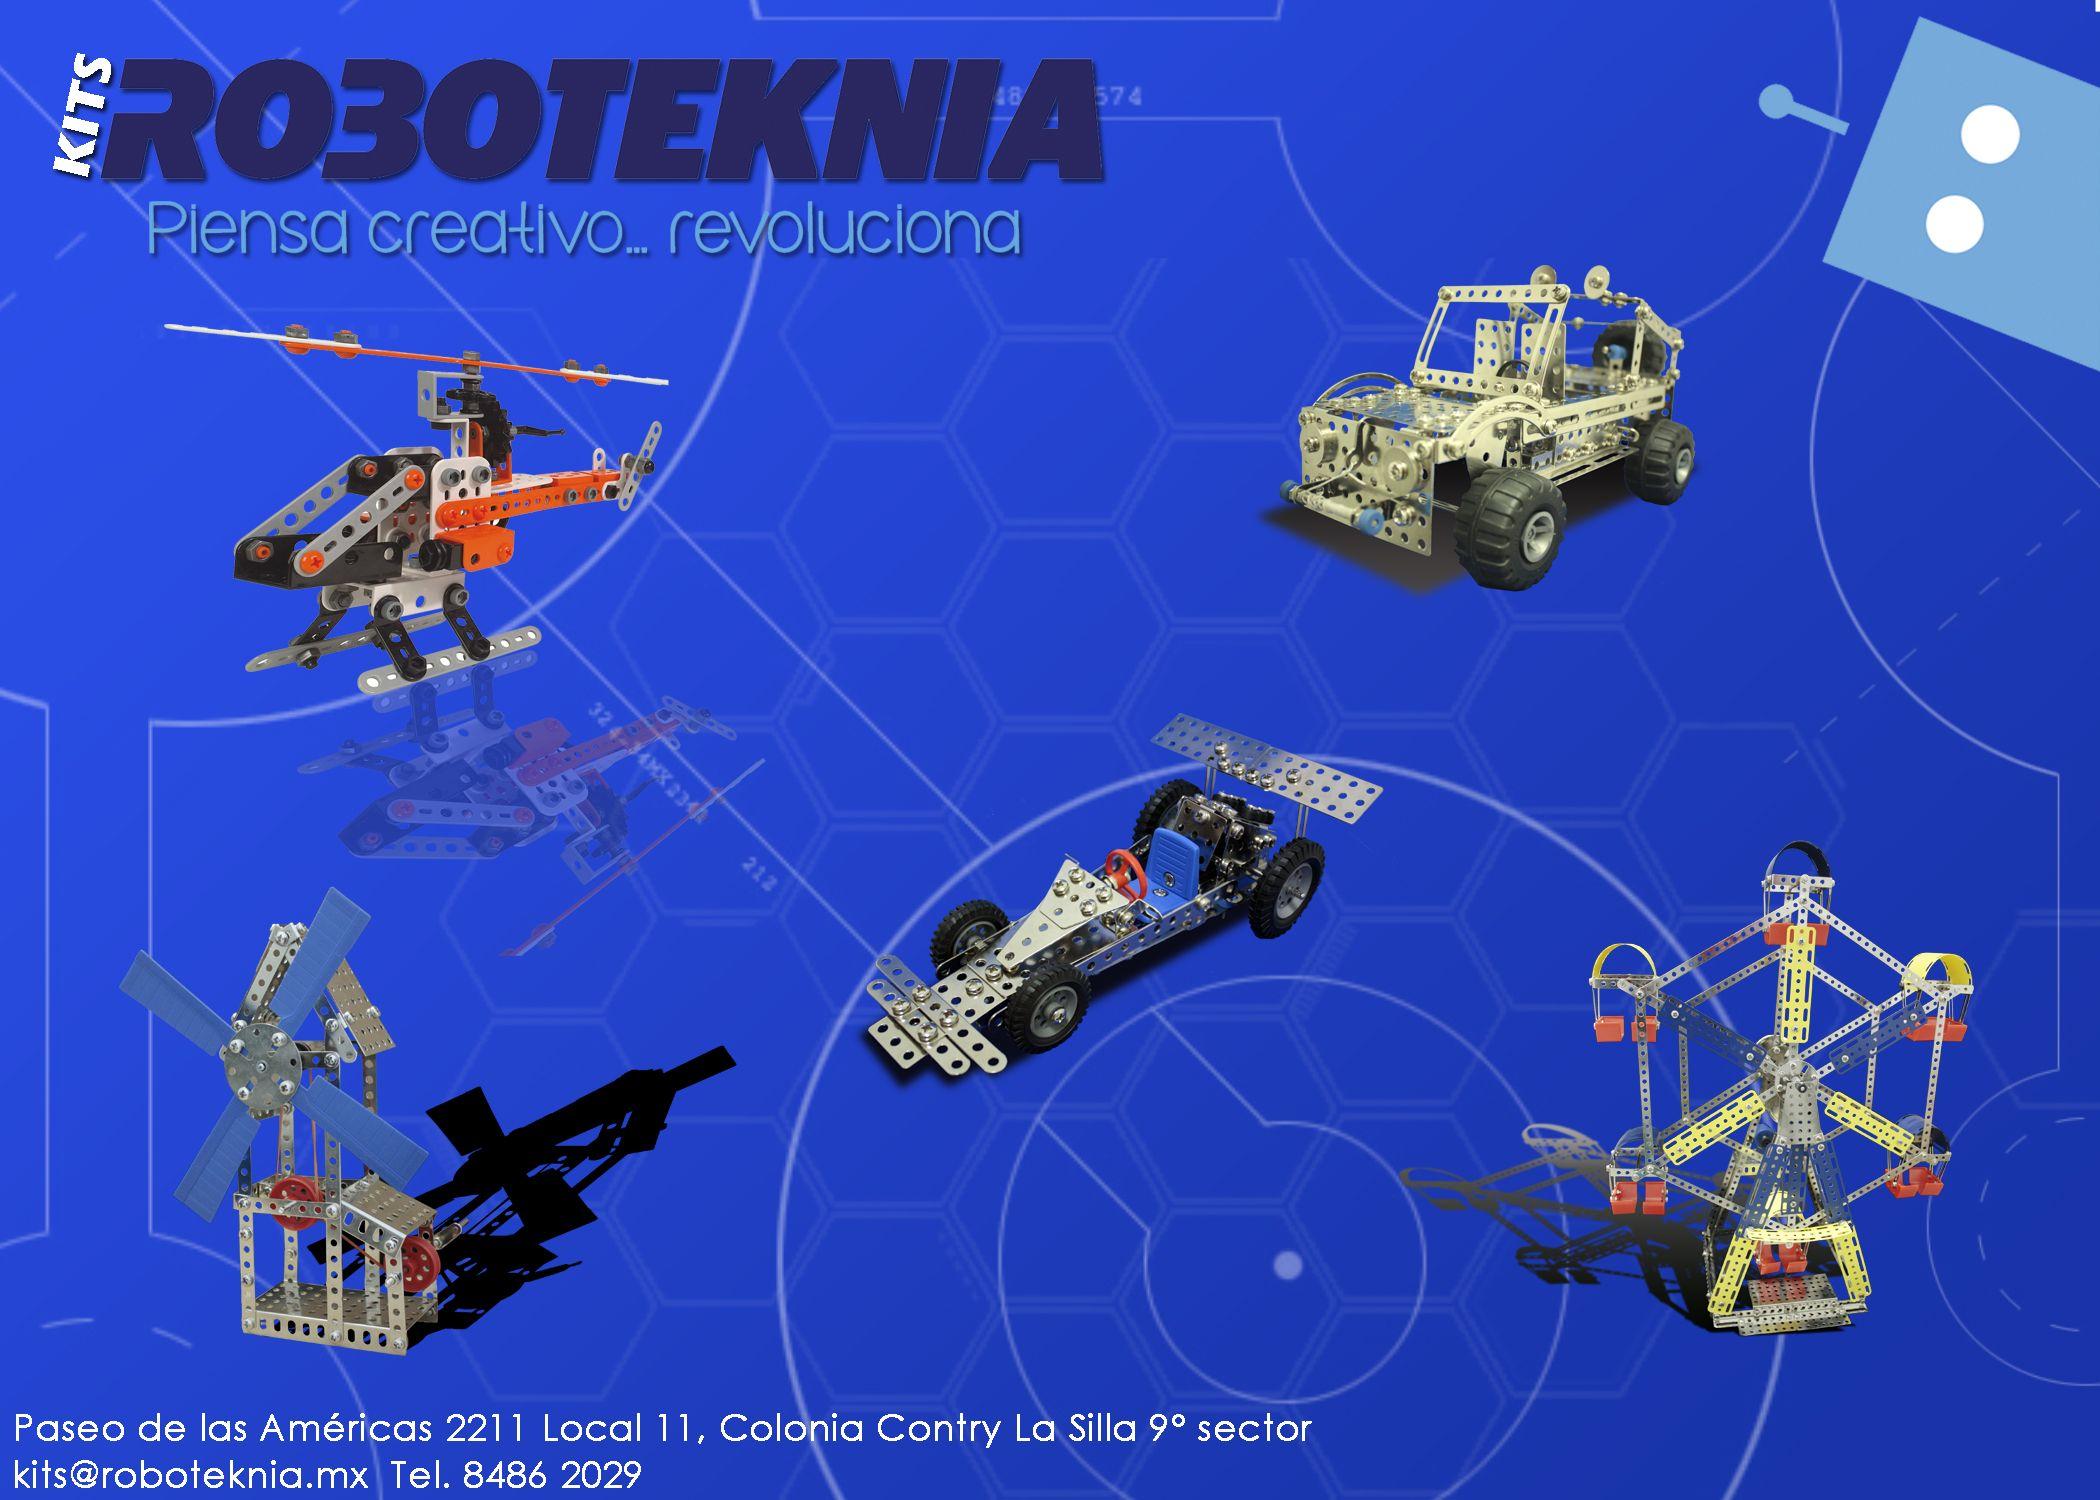 Kits ROBOTEKNIA tiene para ti lo último en kits y productos de robótica educativa. http://www.kitsderobotica.com/ #Jueguetes #Toys #Kids #Ninos #Educacion #Diversion #Creatividad #Eitech